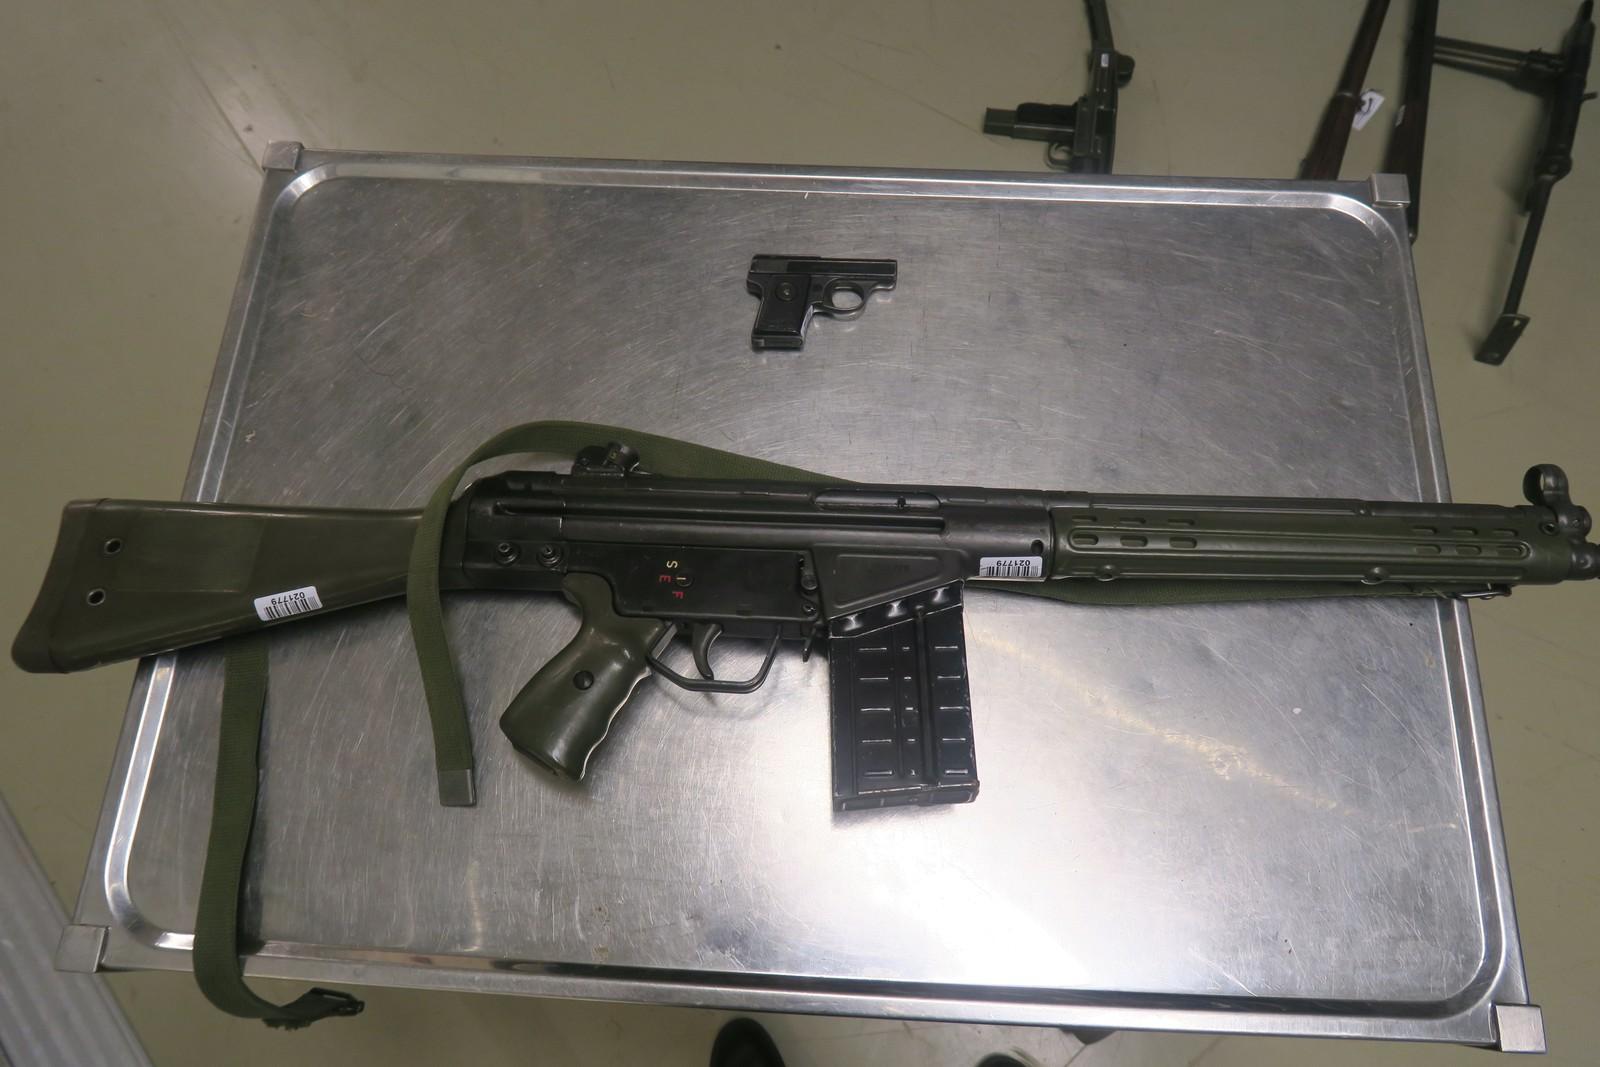 Liten og stor: en liten Walther pistol sammen med Forsvarets tidligere standardvåpen, AG-3